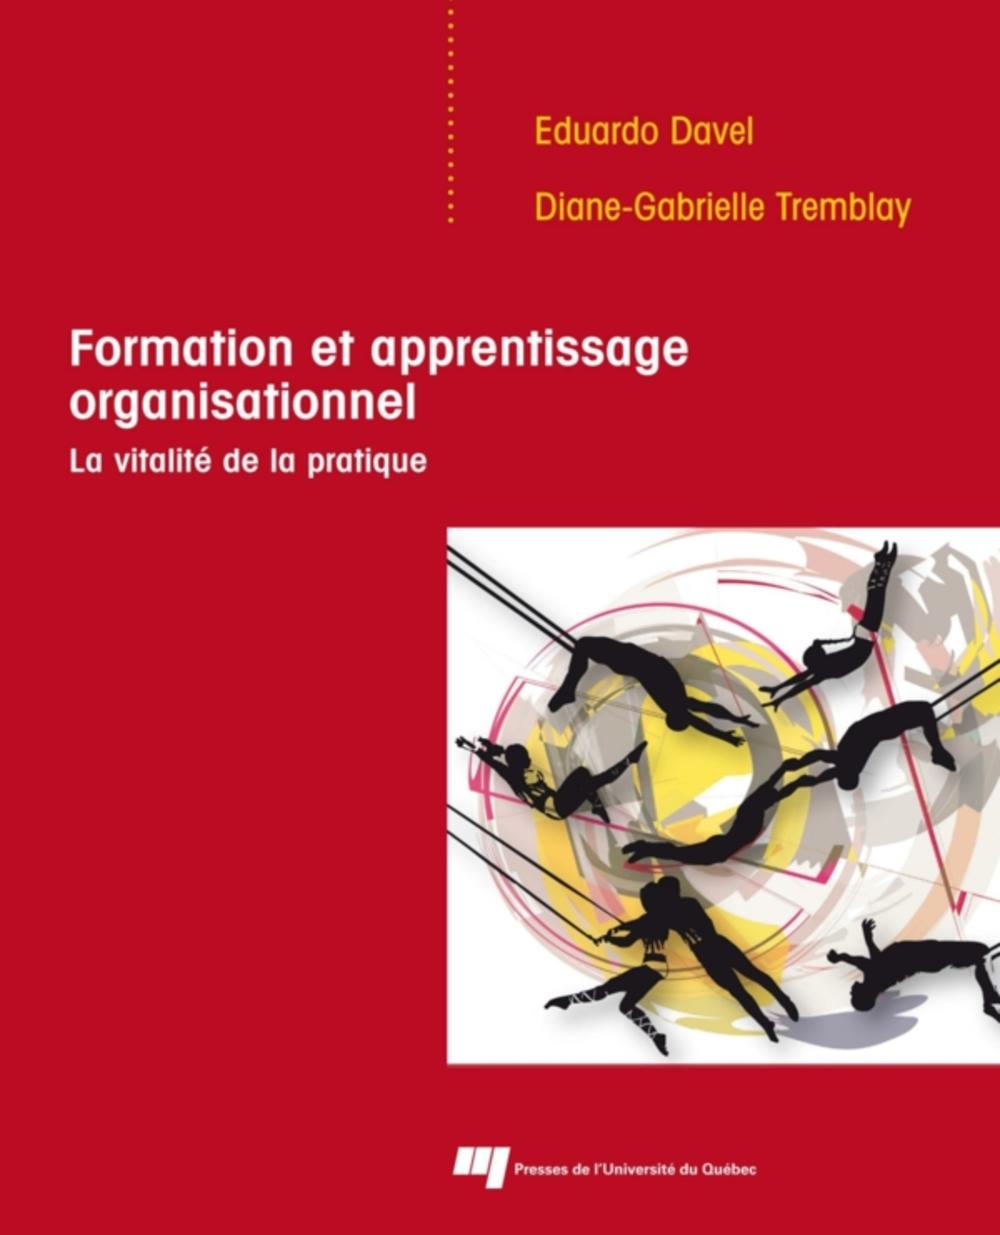 Formation et apprentissage organisationnel